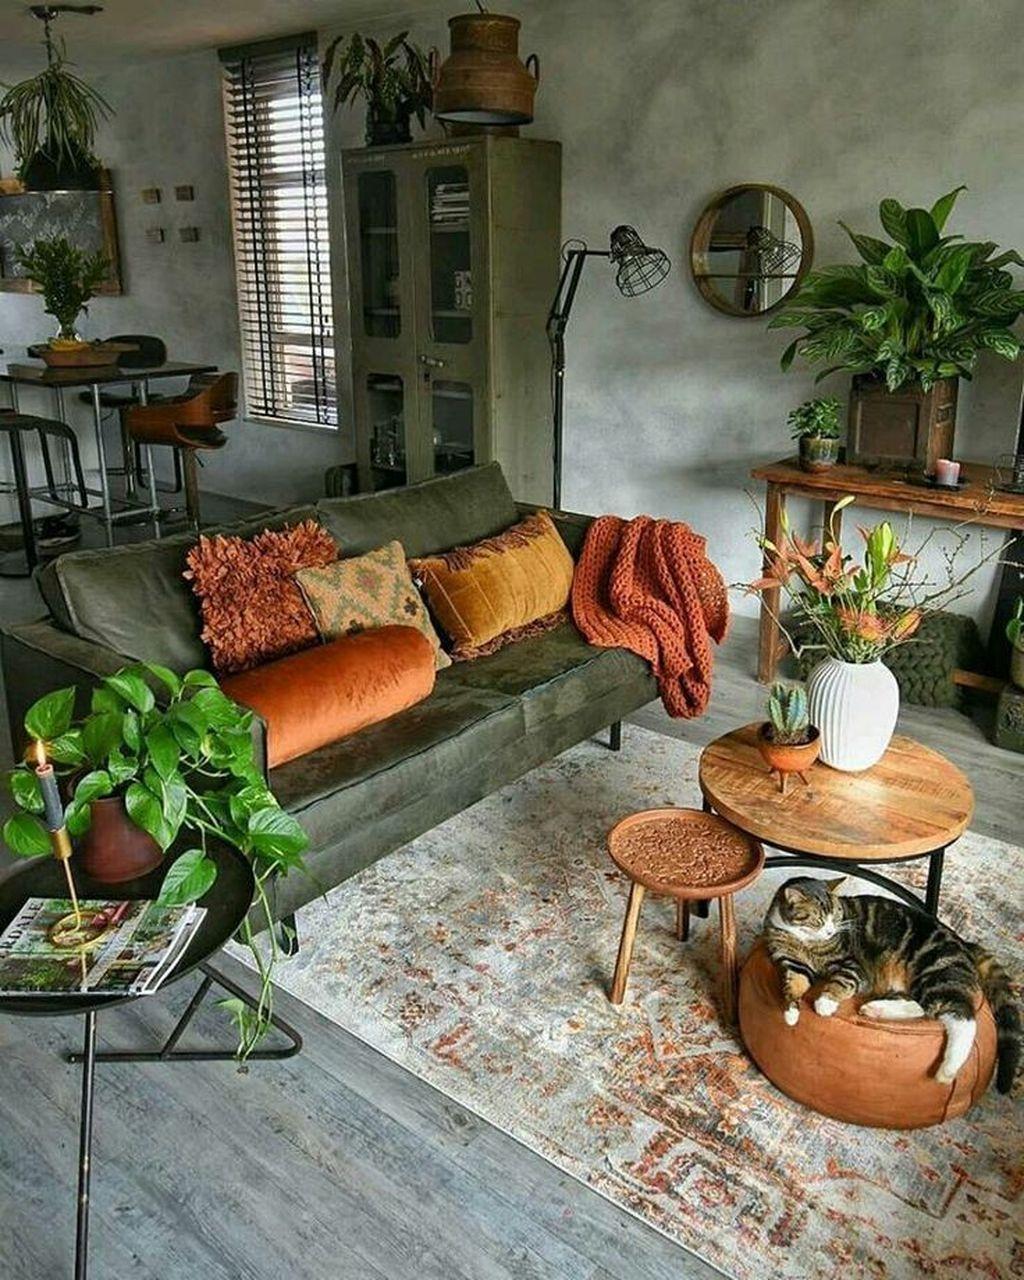 50 The Best Vintage Home Decoration Ideas Sweetyhomee Rooms Home Decor Trending Decor Home Decor Trends